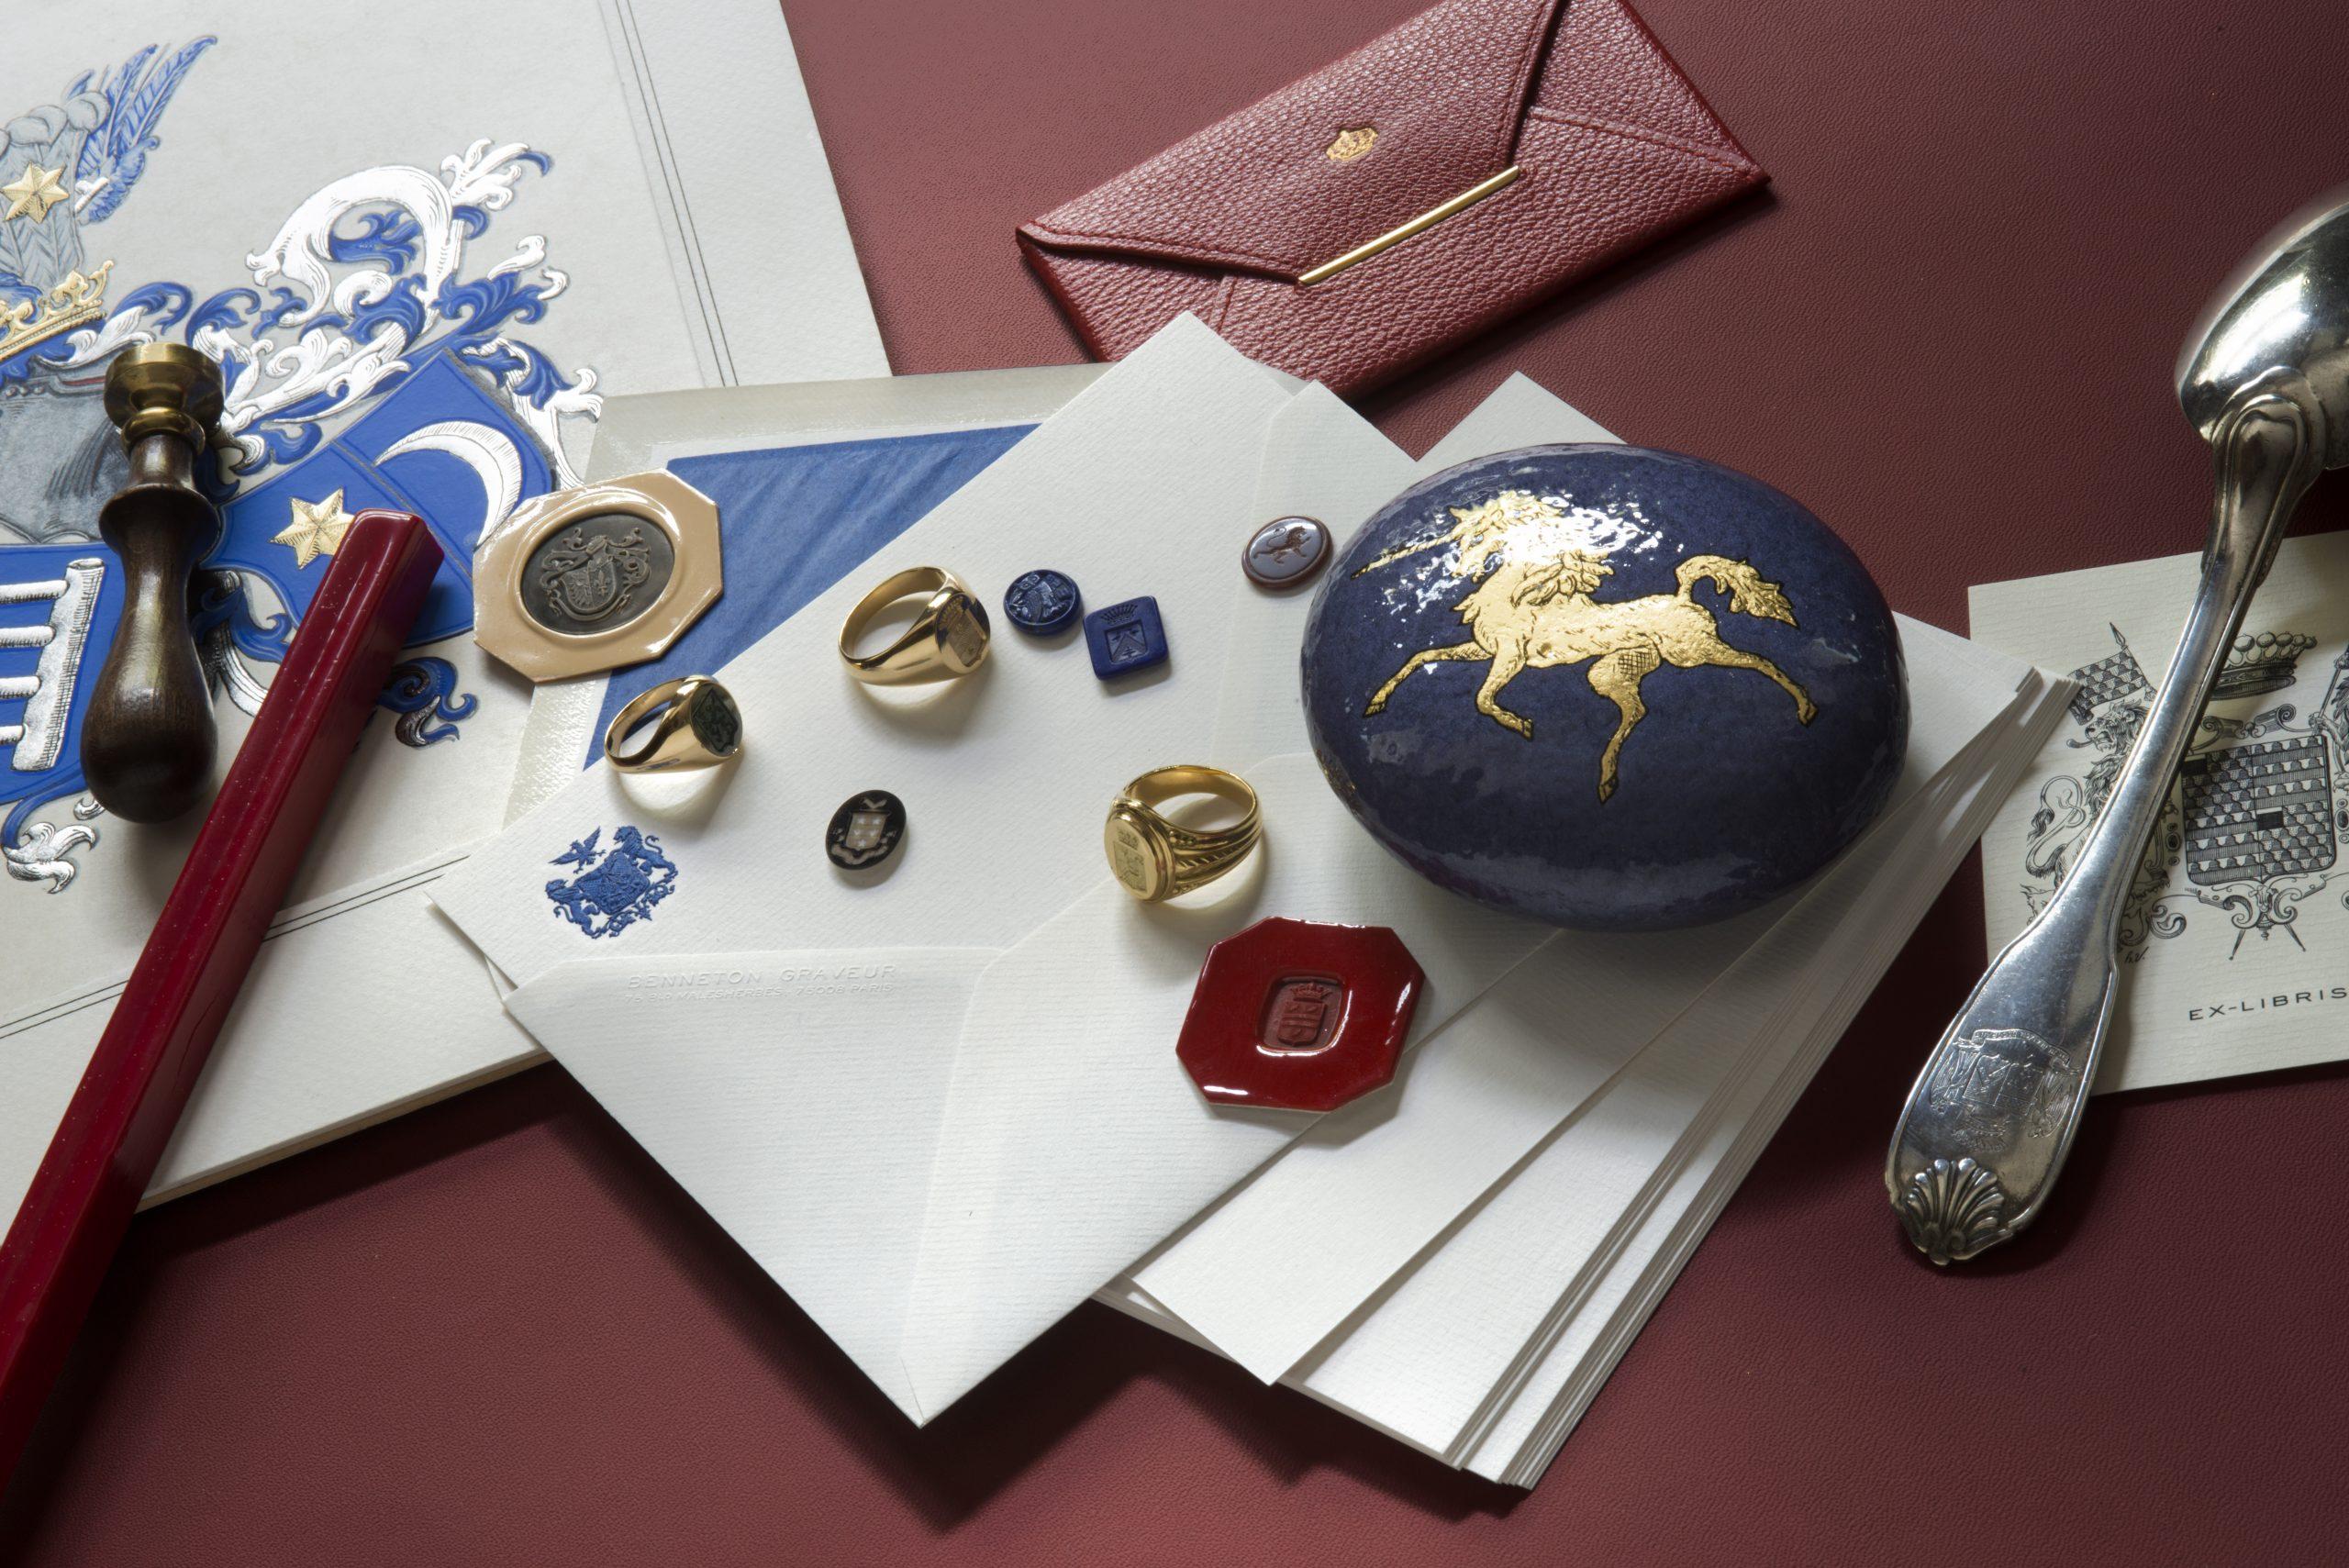 Chevalières - galets - héraldique - gravure sur argenterie - tampons de cire - armoiries